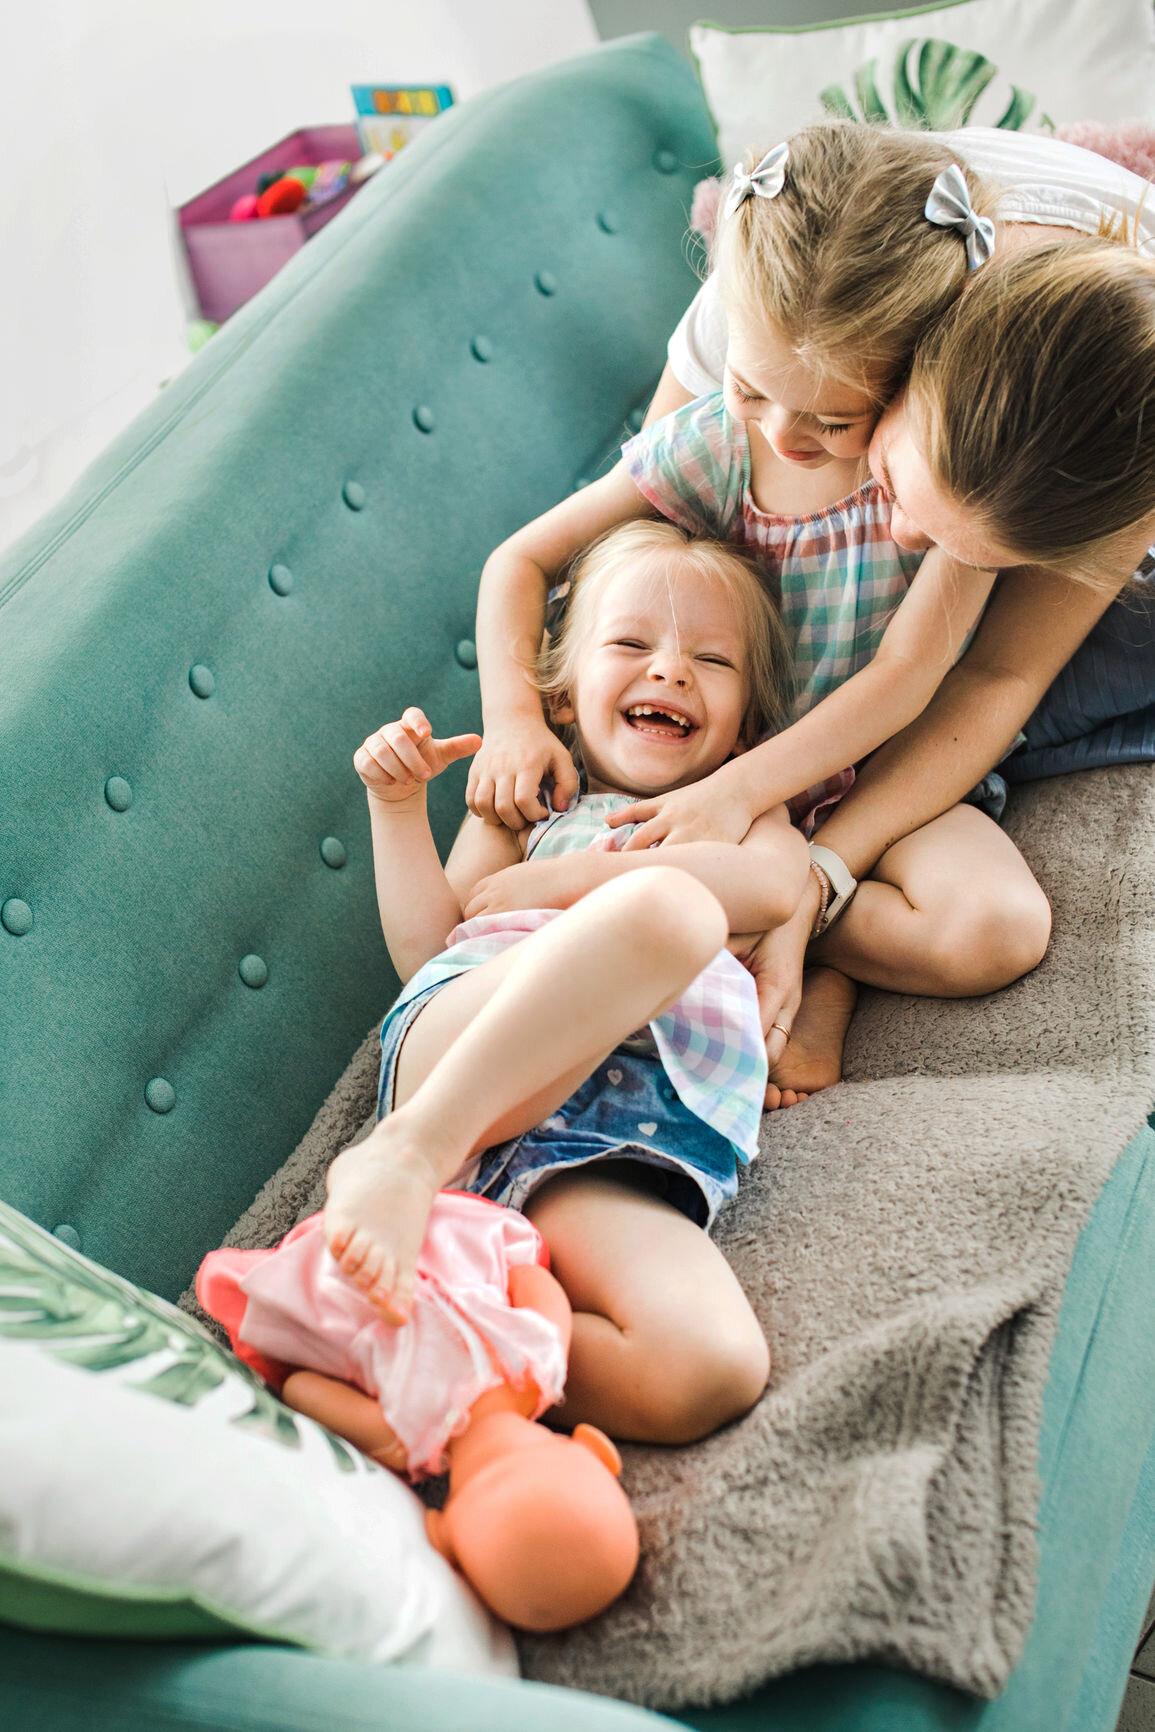 Mom tickling daughters.jpg